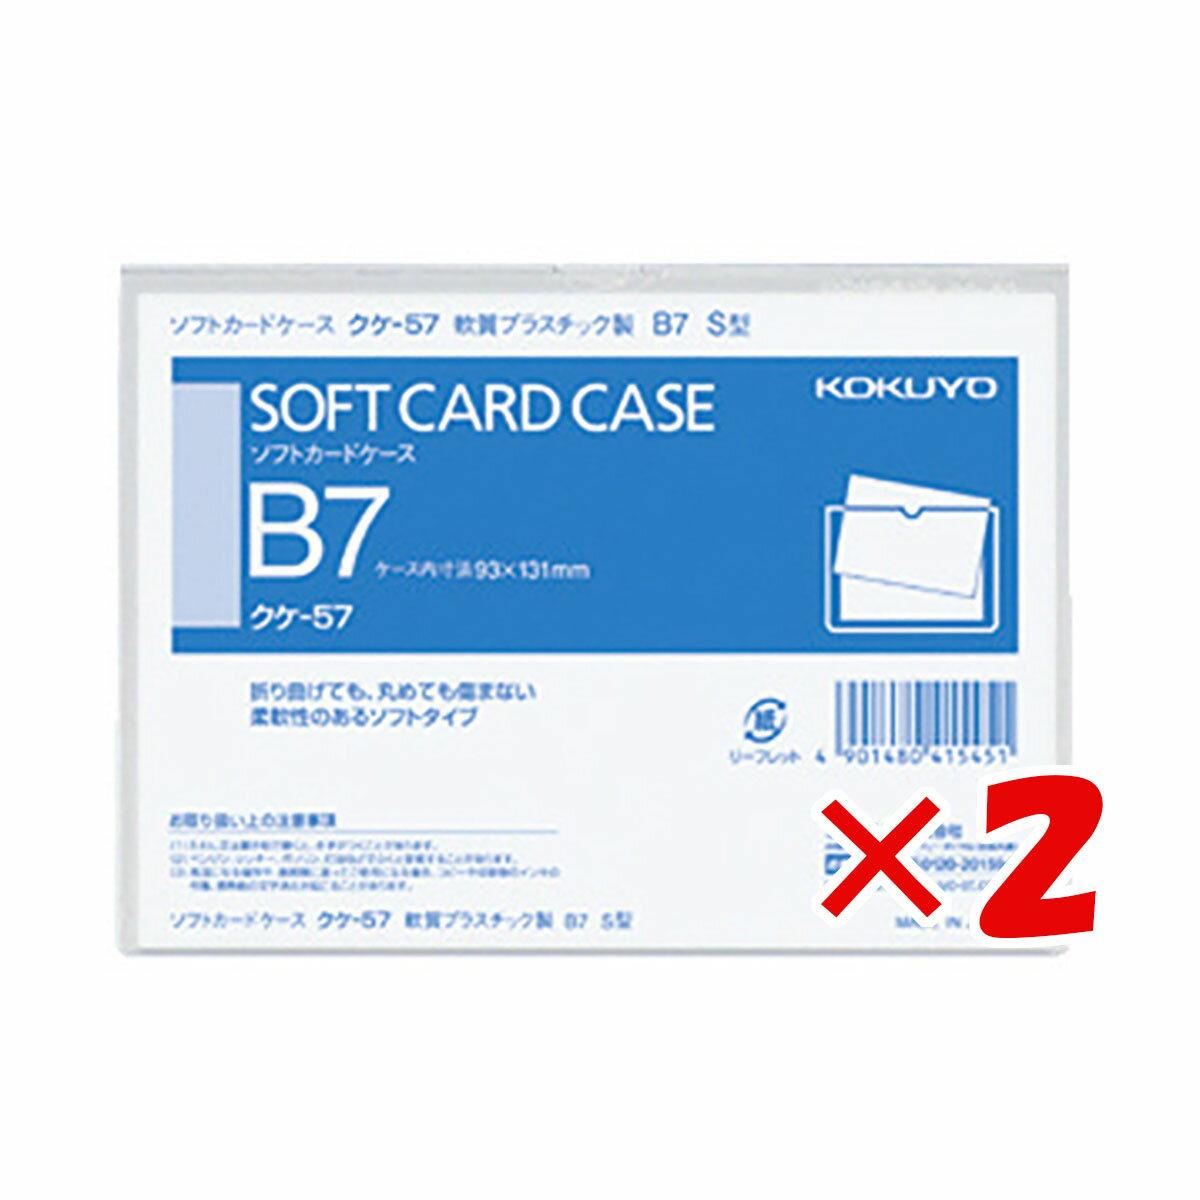 コクヨ クリアケ-スソフト B7 クケ-57の写真